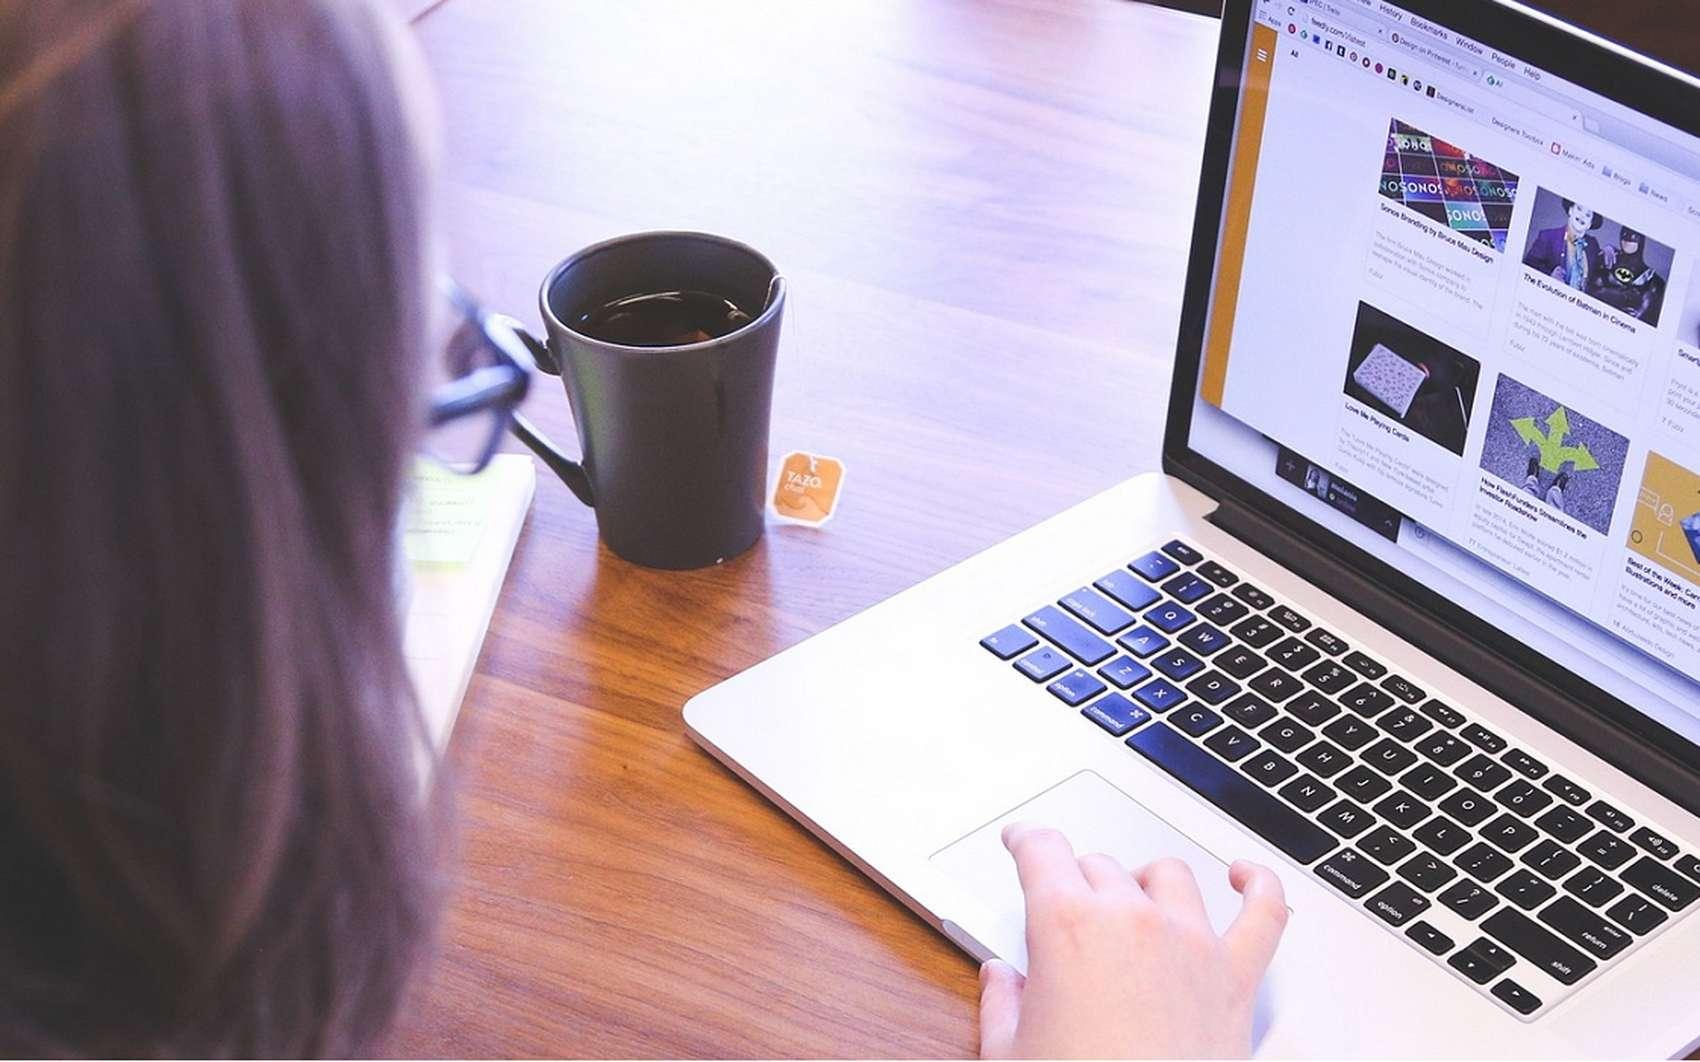 Futura vous explique comment effectuer une capture d'écran avec précision. © StartupStockPhotos, pixabay.com